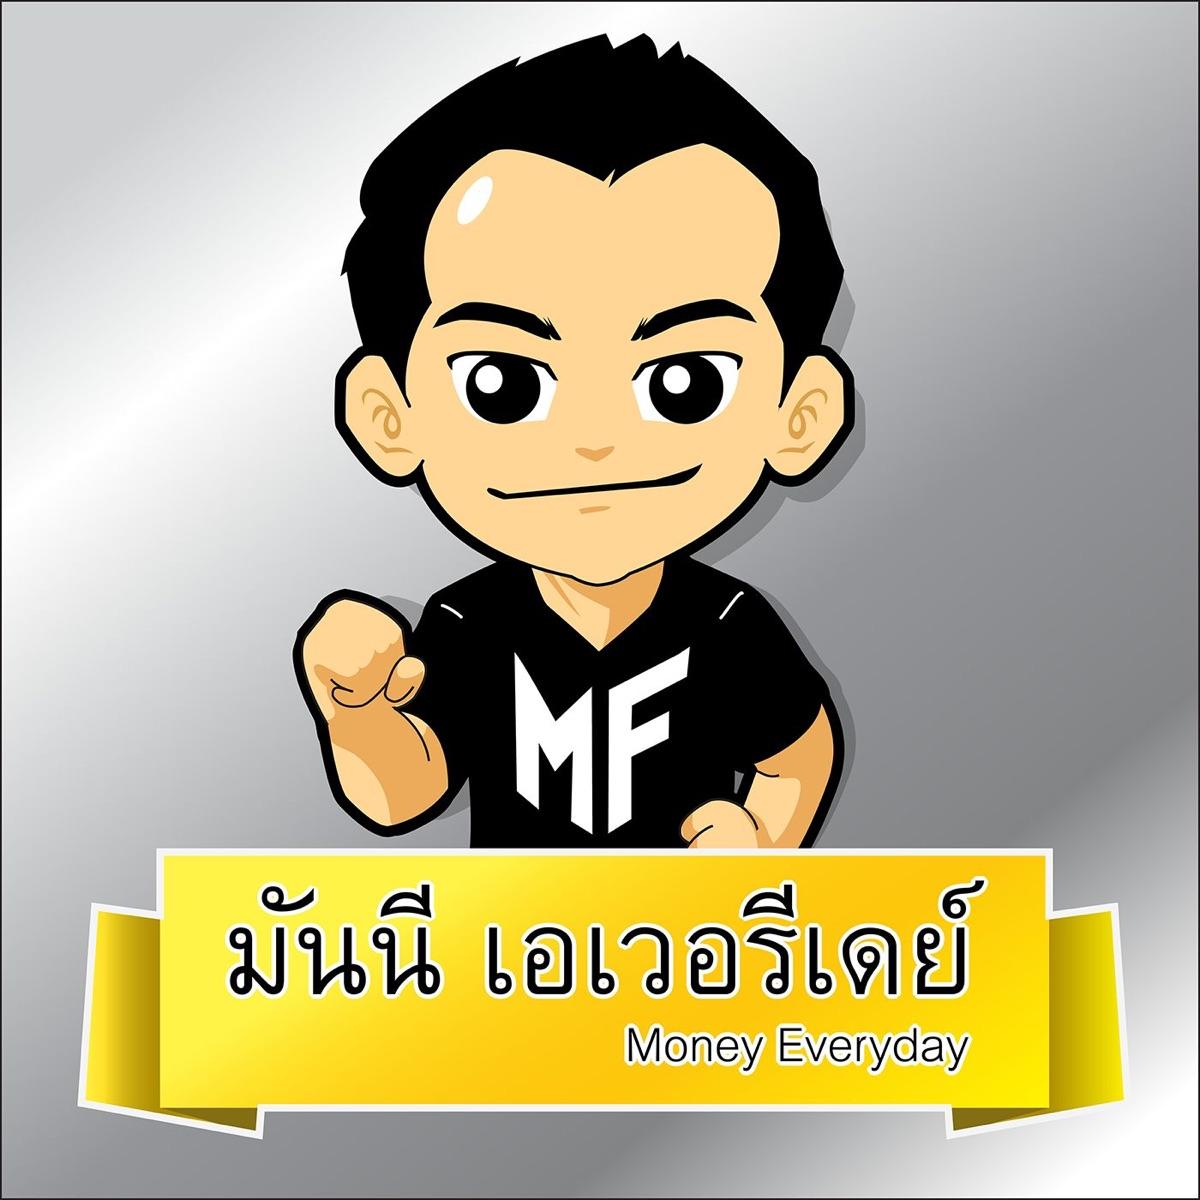 MONEY EVERYDAY